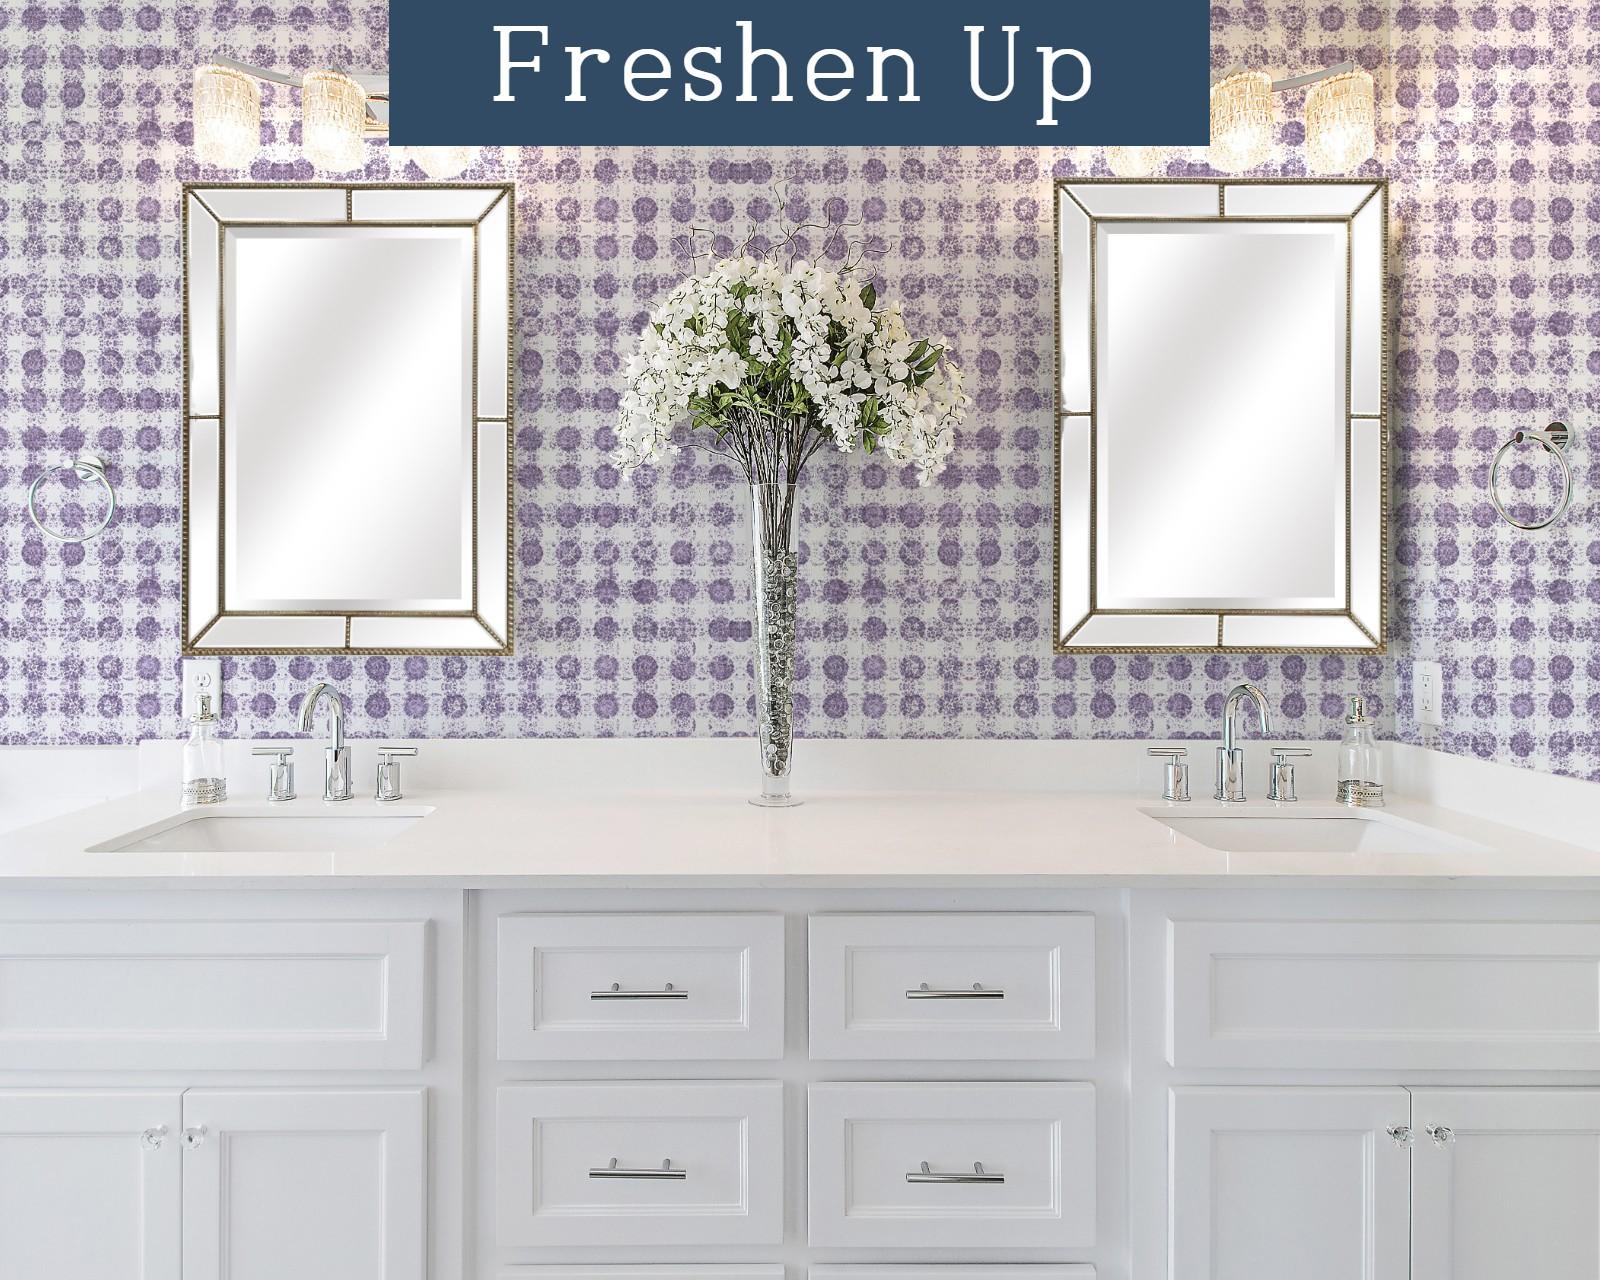 fresh-lavender-roxeburghe-bathroom-72-ppi.jpg